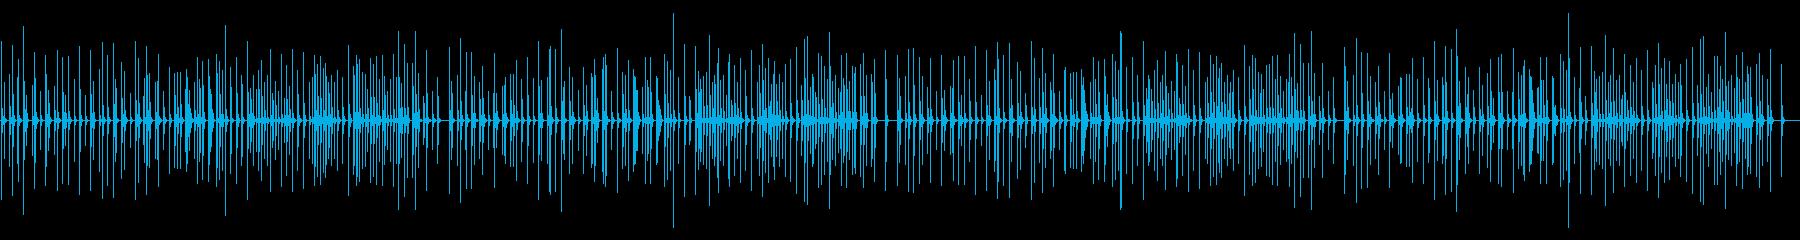 ピクニック 卓上木琴の再生済みの波形